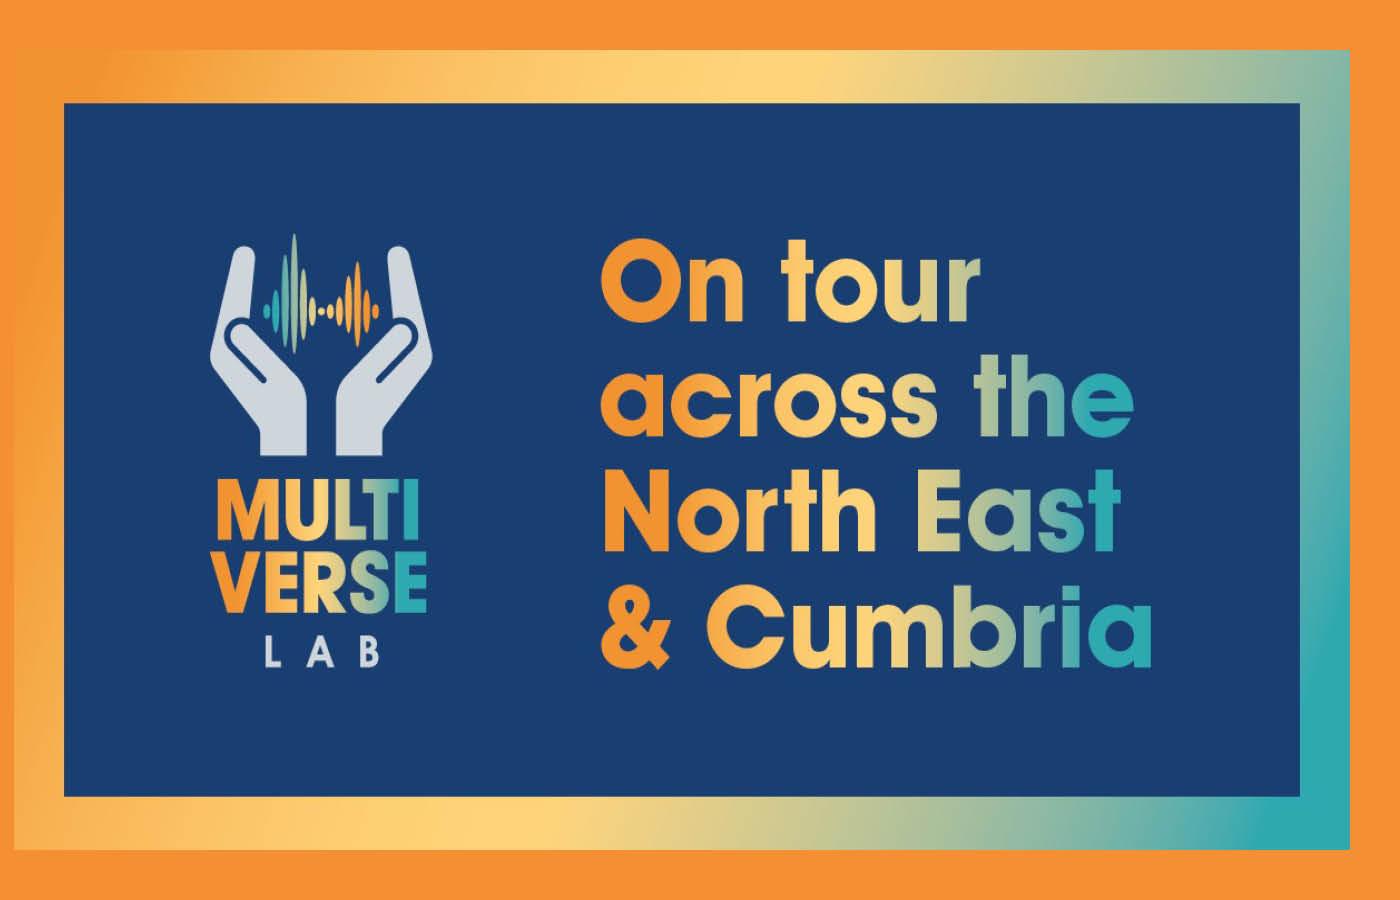 Multiverse Lab tour announcement